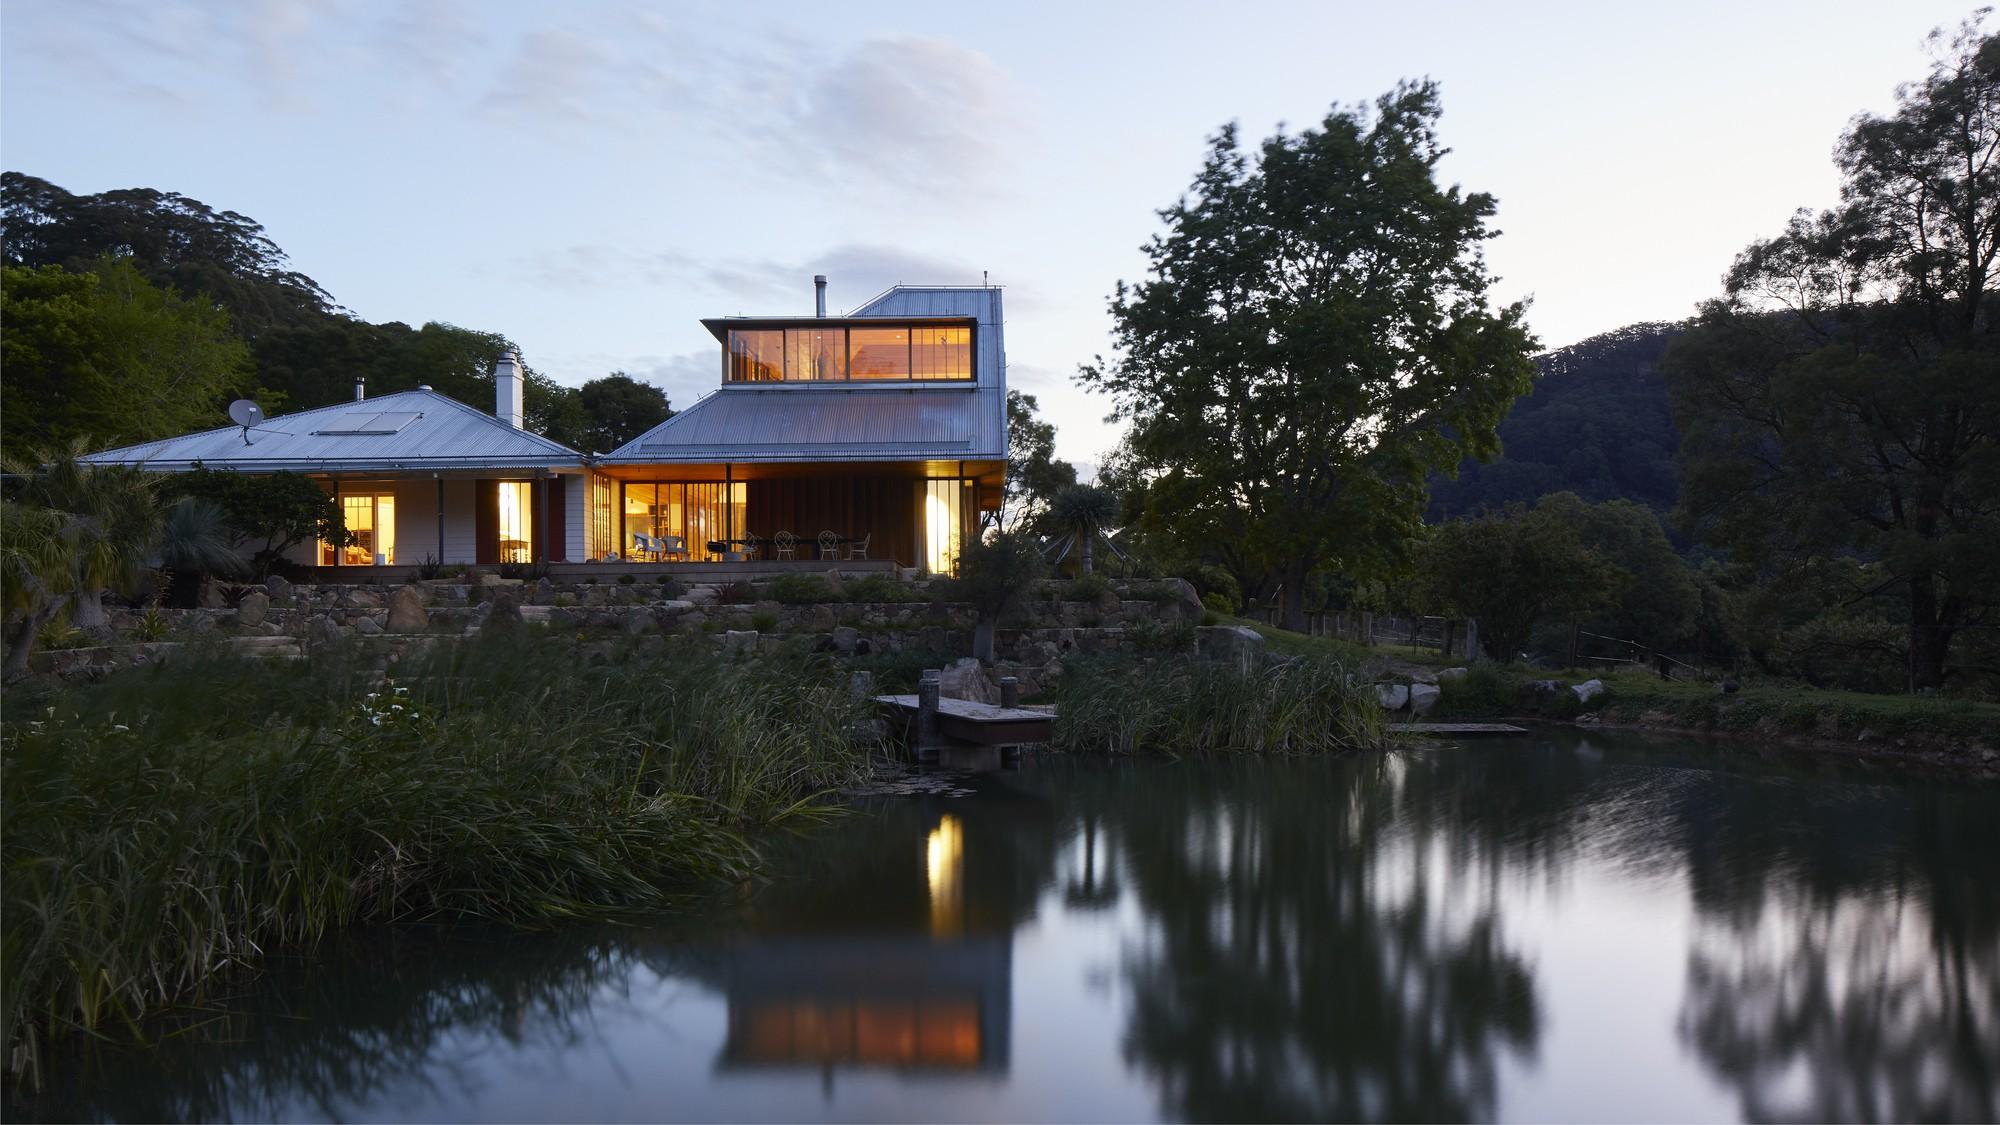 «Дом на откосе» в окружении идиллического пейзажа